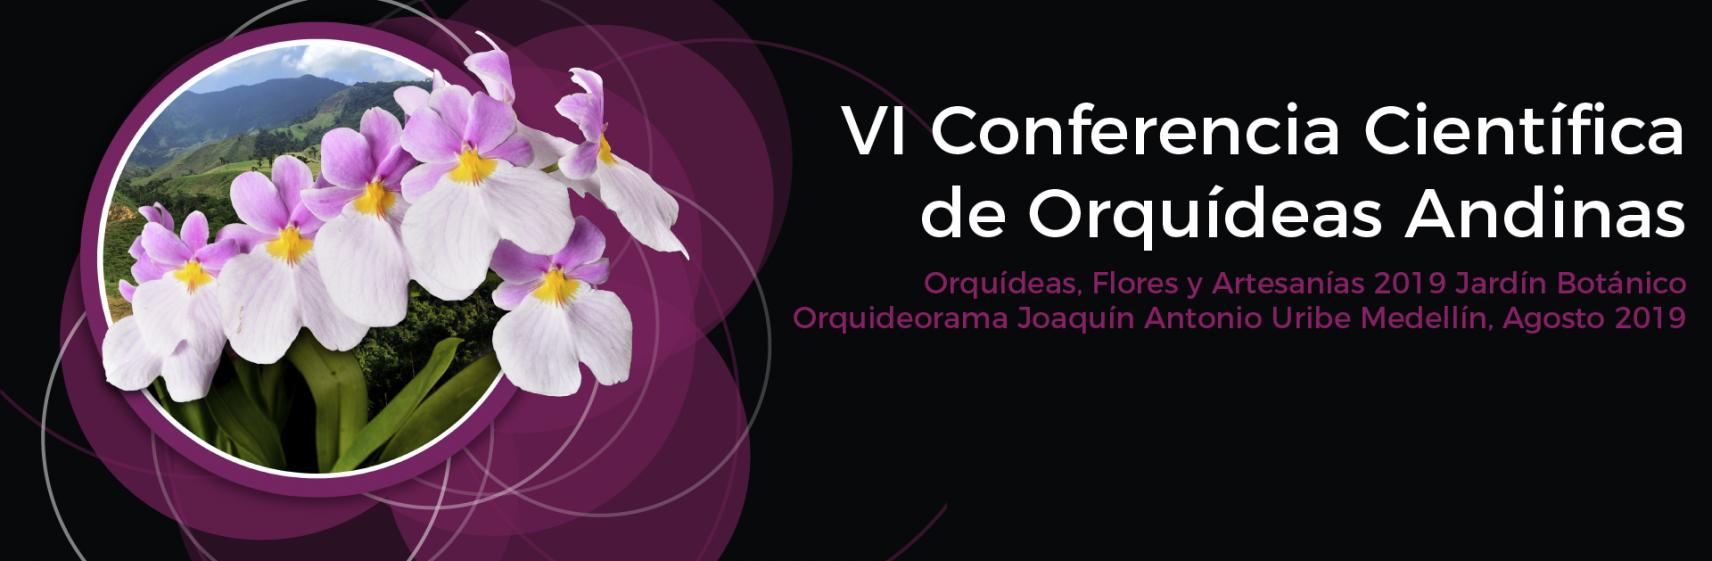 VI Conferencia Científica de Orquídeas Andinas 2019